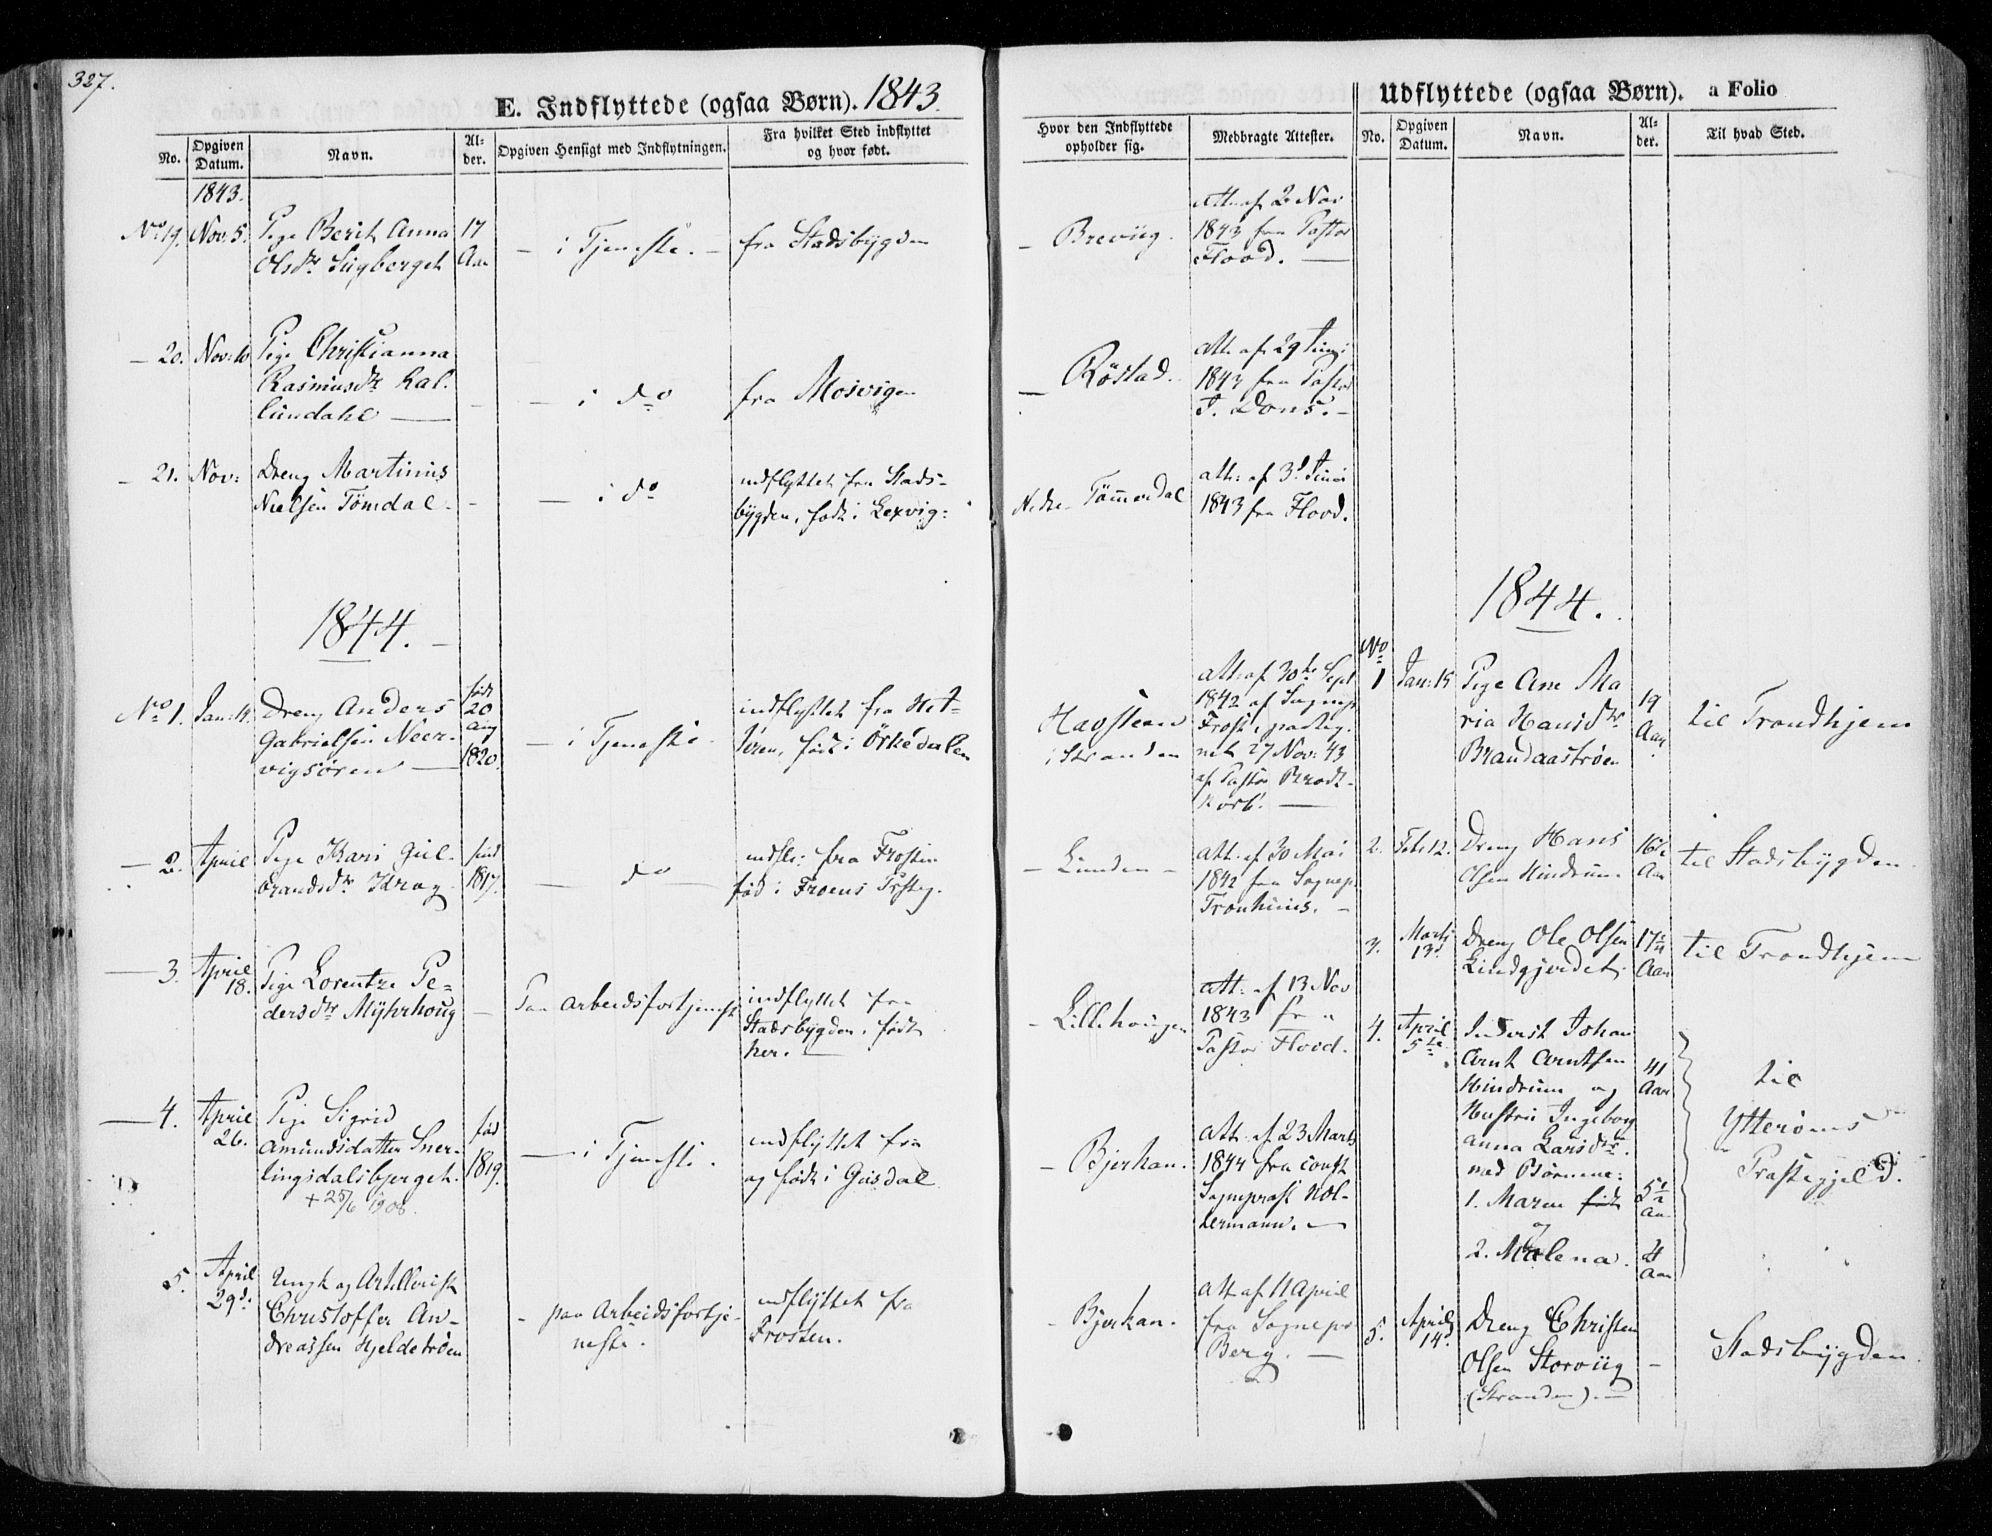 SAT, Ministerialprotokoller, klokkerbøker og fødselsregistre - Nord-Trøndelag, 701/L0007: Ministerialbok nr. 701A07 /1, 1842-1854, s. 327